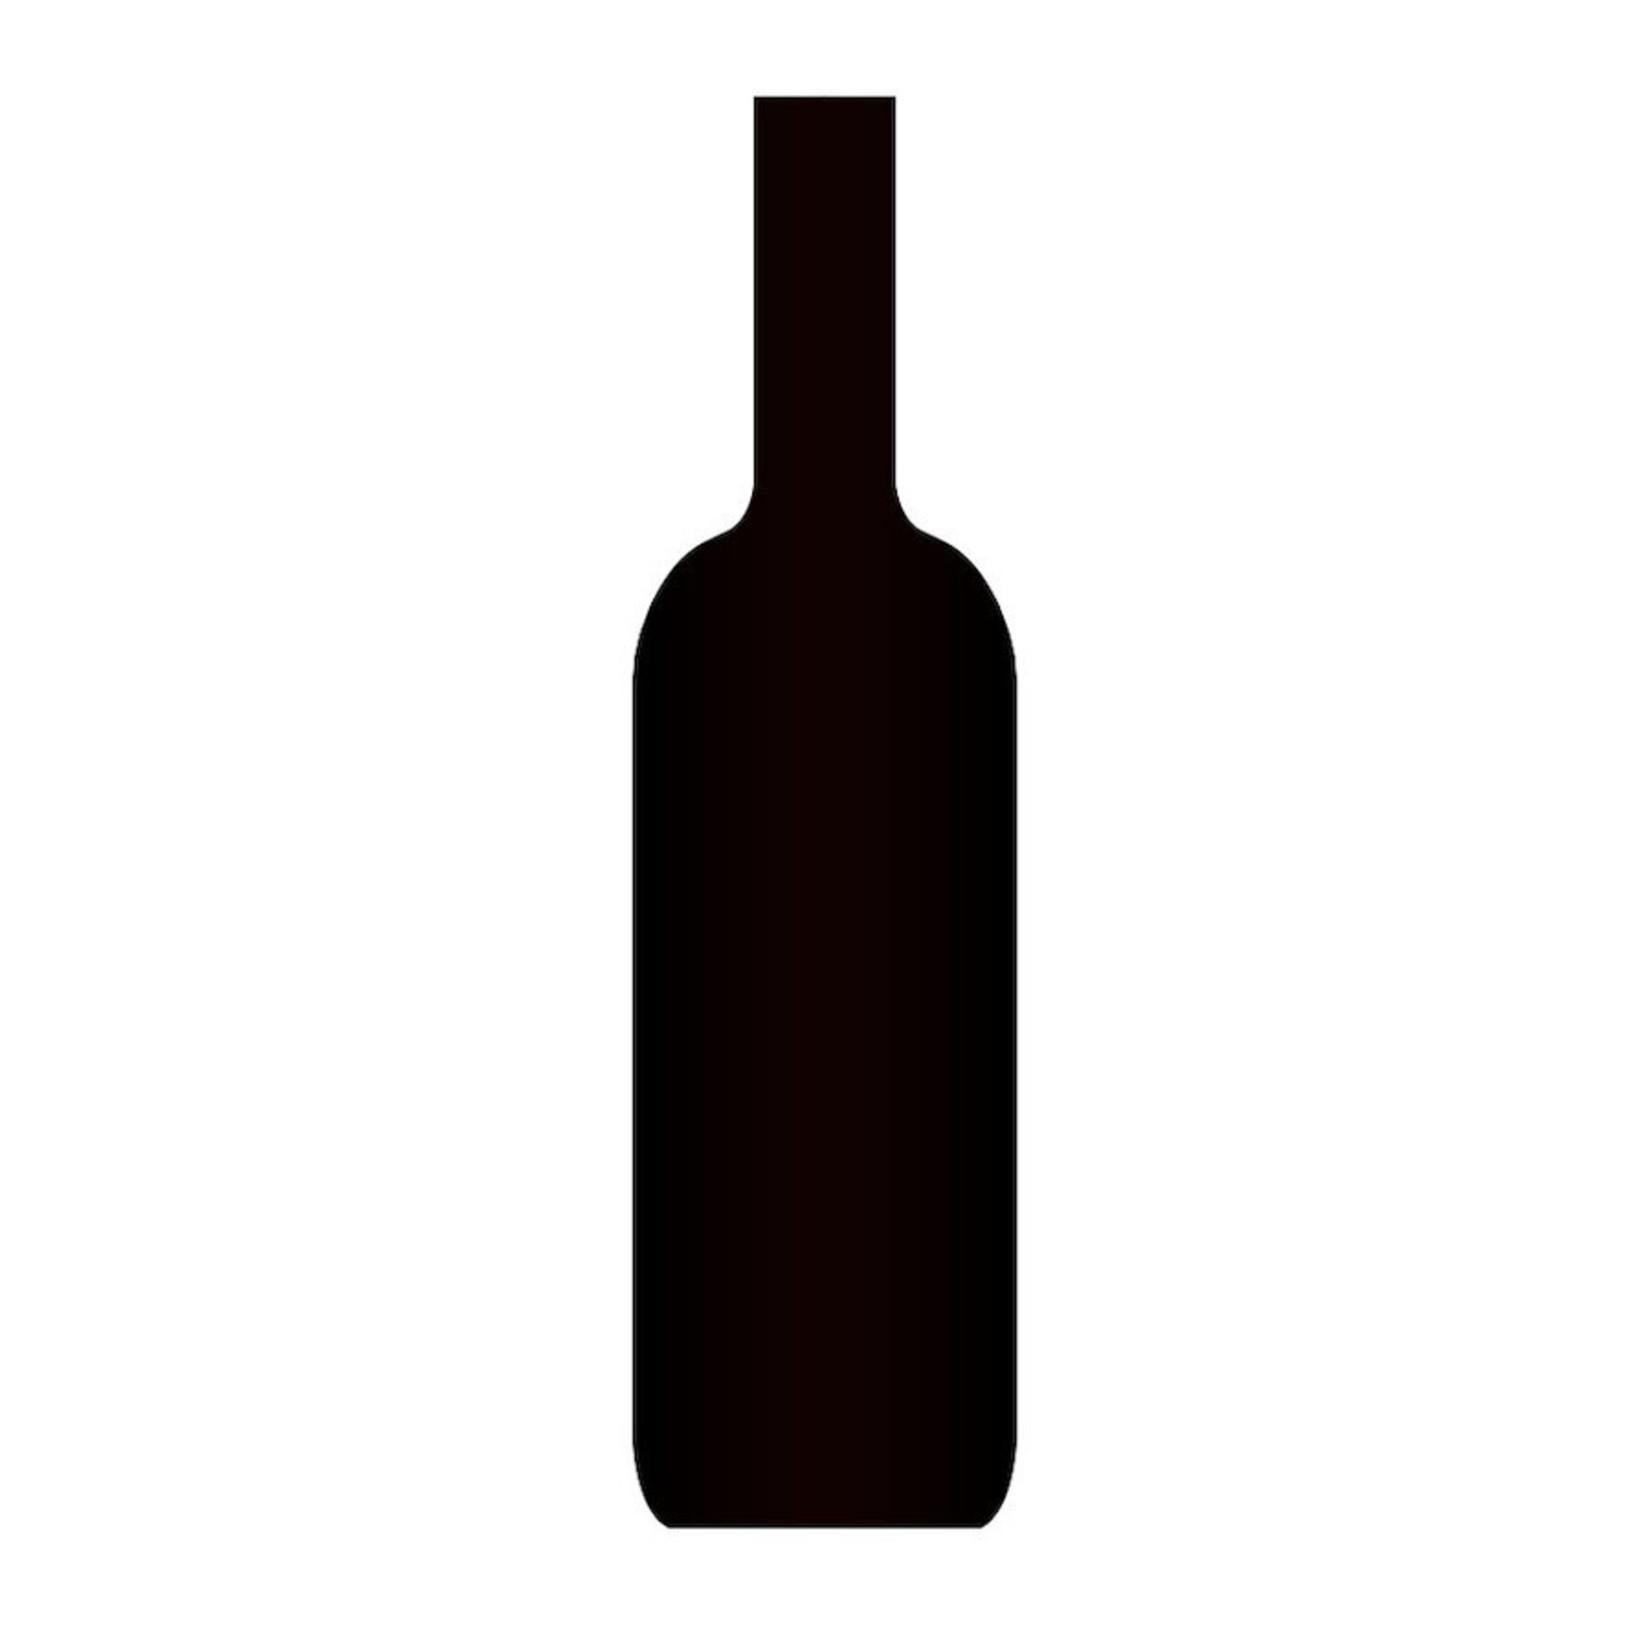 2020 Anne Pichon 'Sauvage Vielles Vignes' Grenache Noir